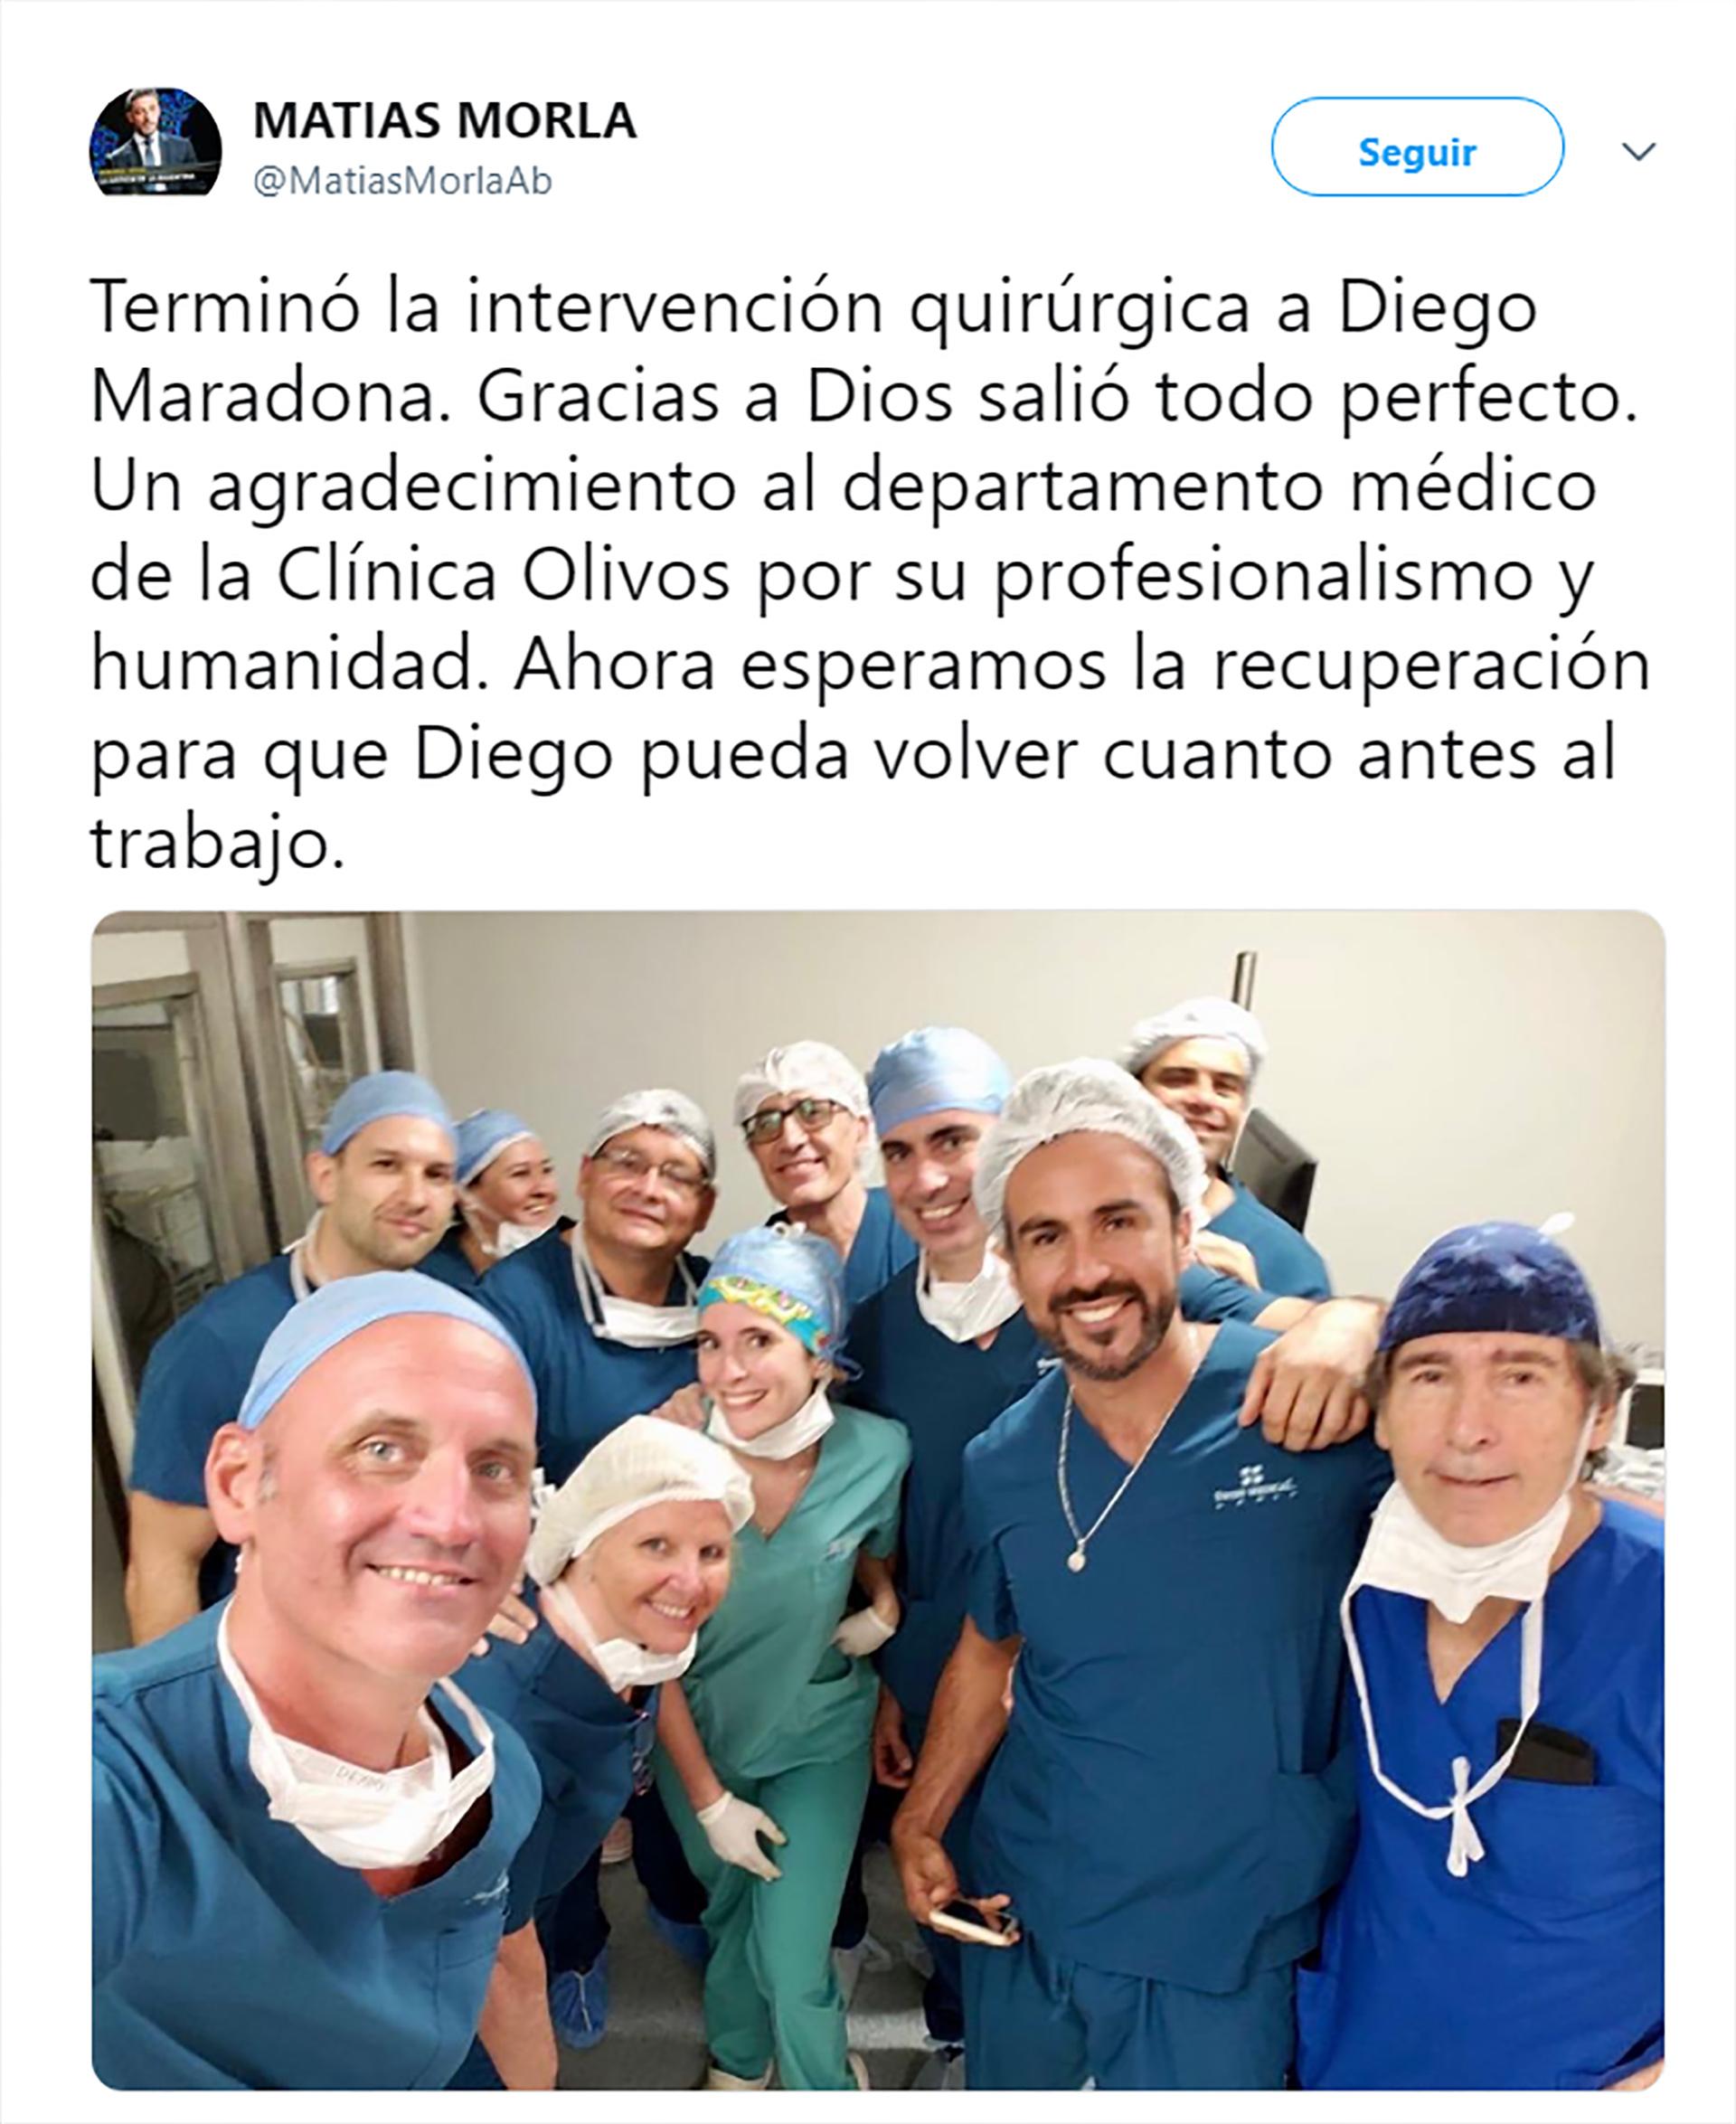 La publicación del abogado de Maradona informando sobre la operación